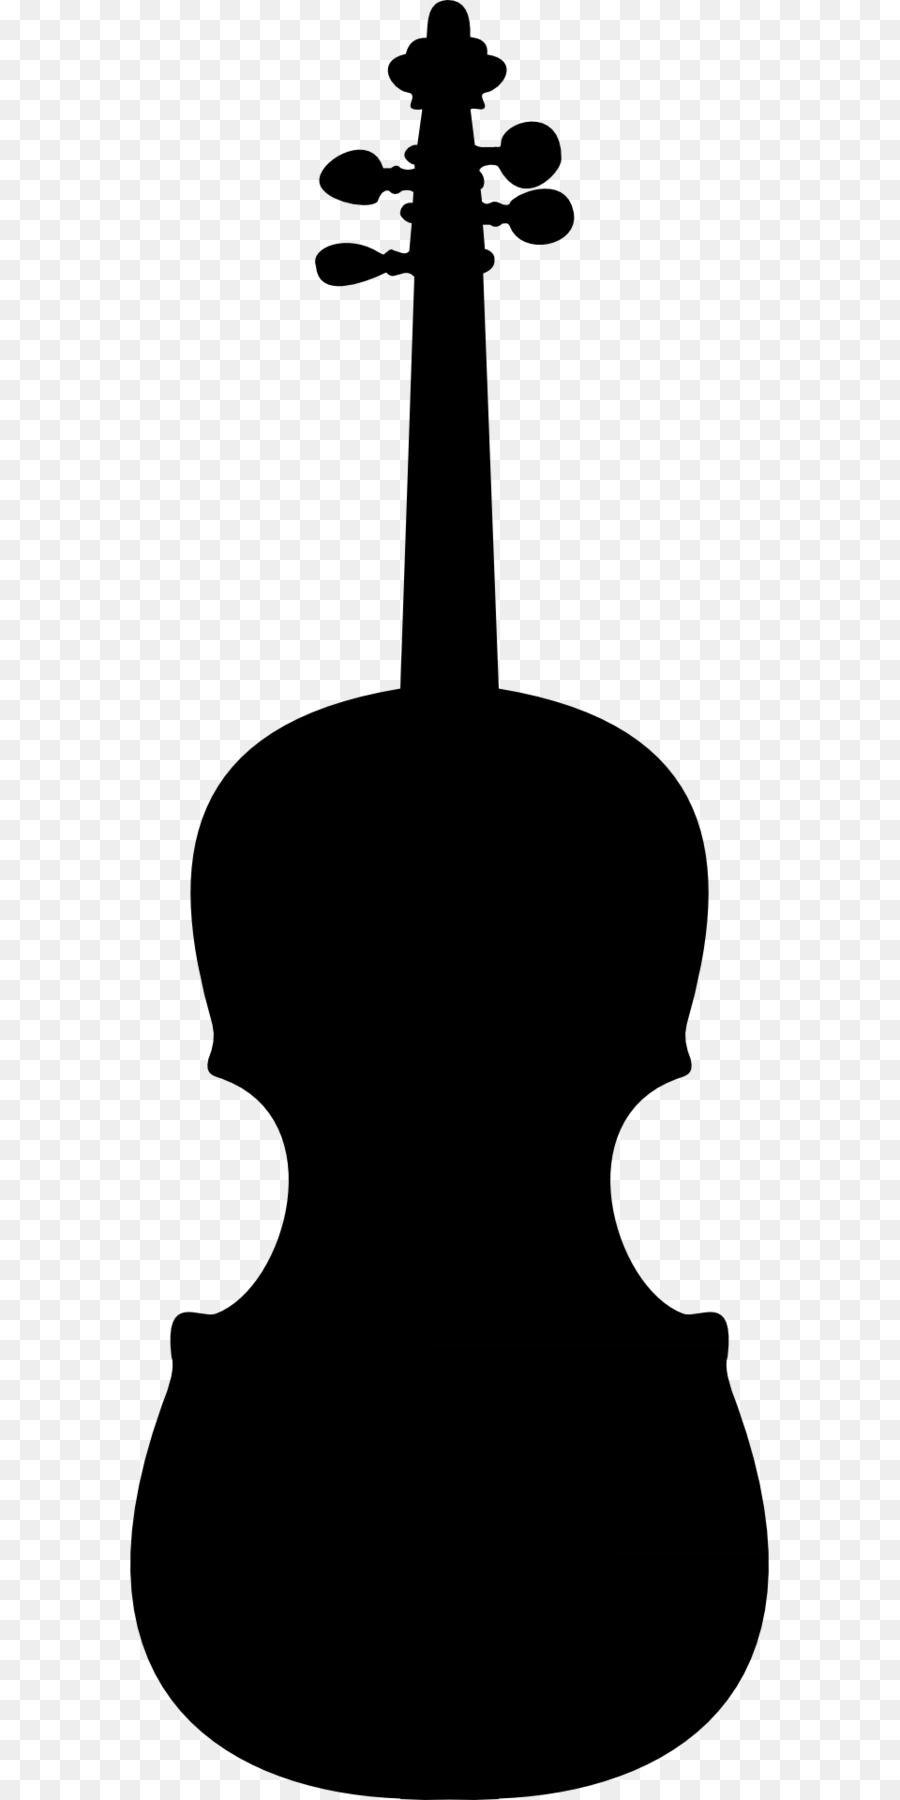 Violin Silhouette Clip art.